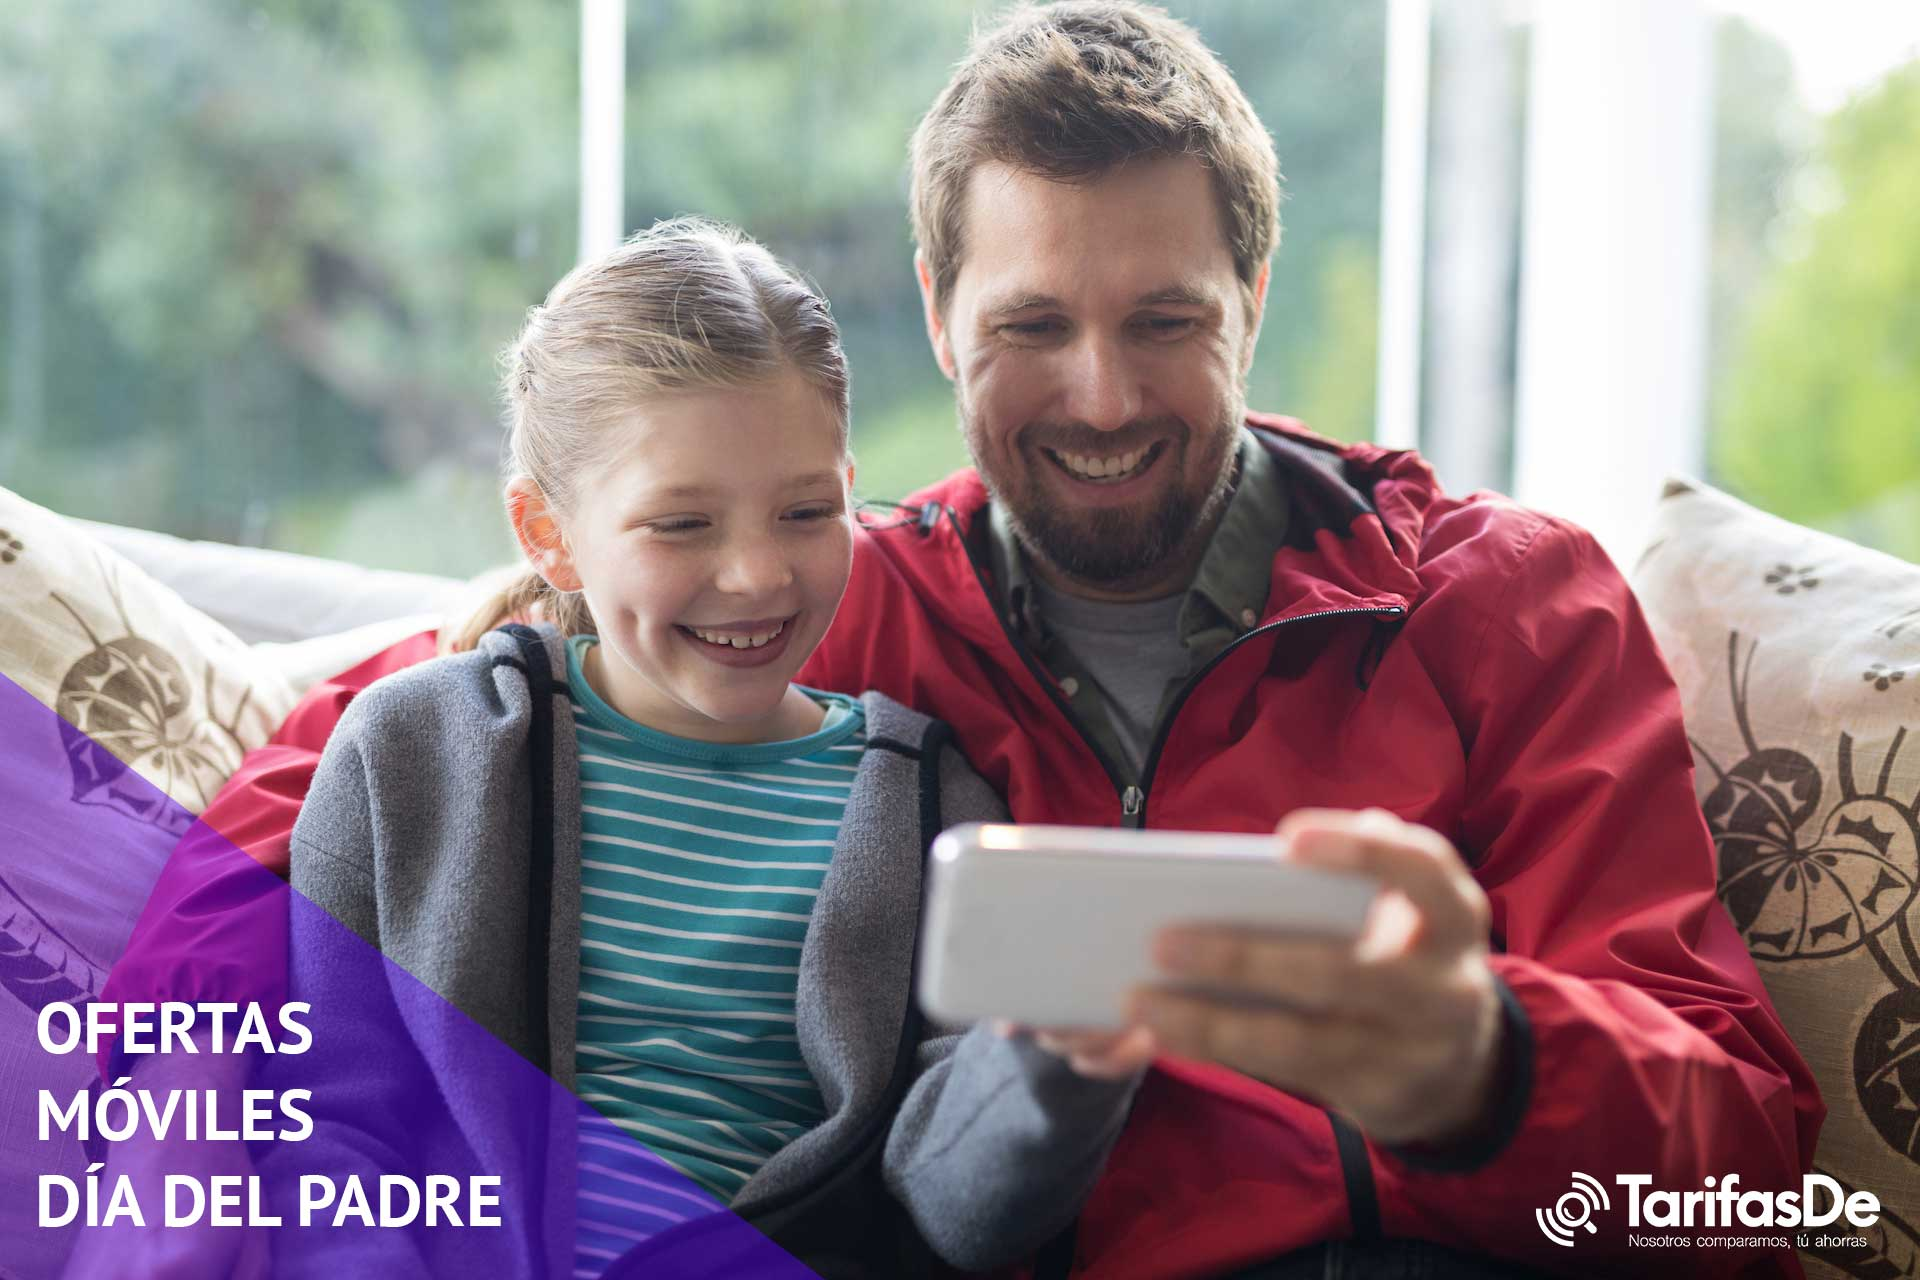 Ofertas móviles día del padre